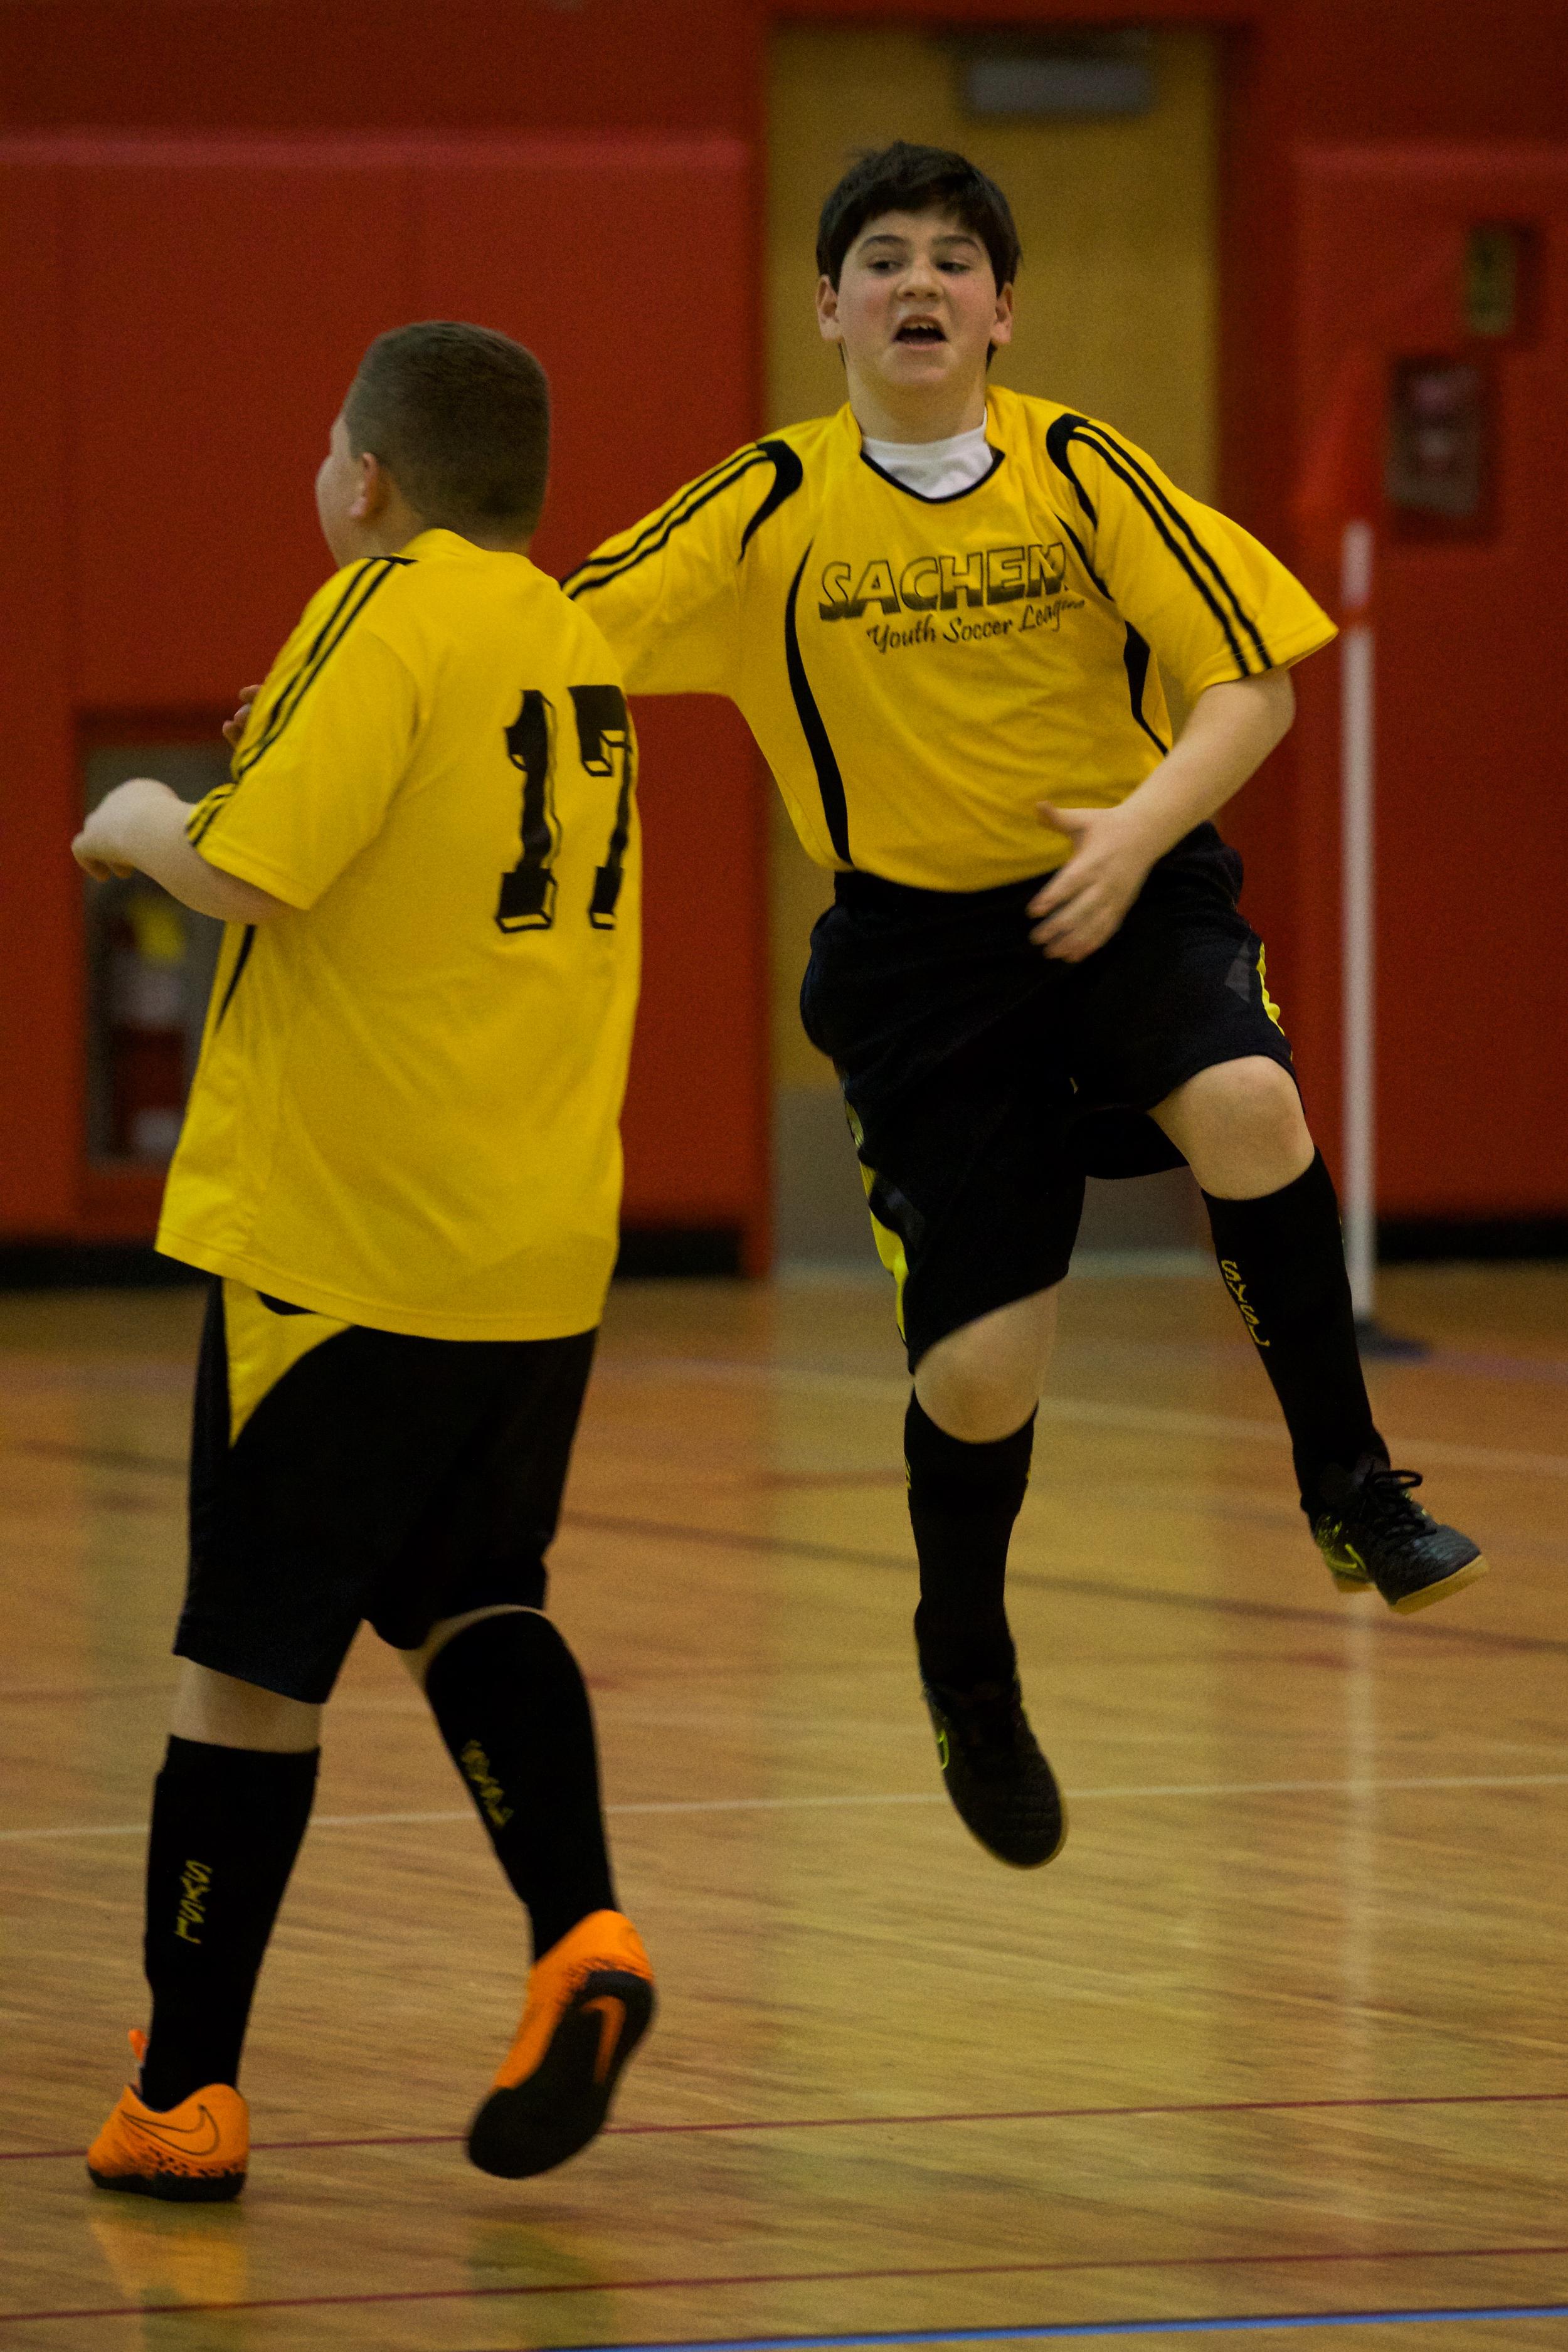 soccer 3 (34 of 36).jpg